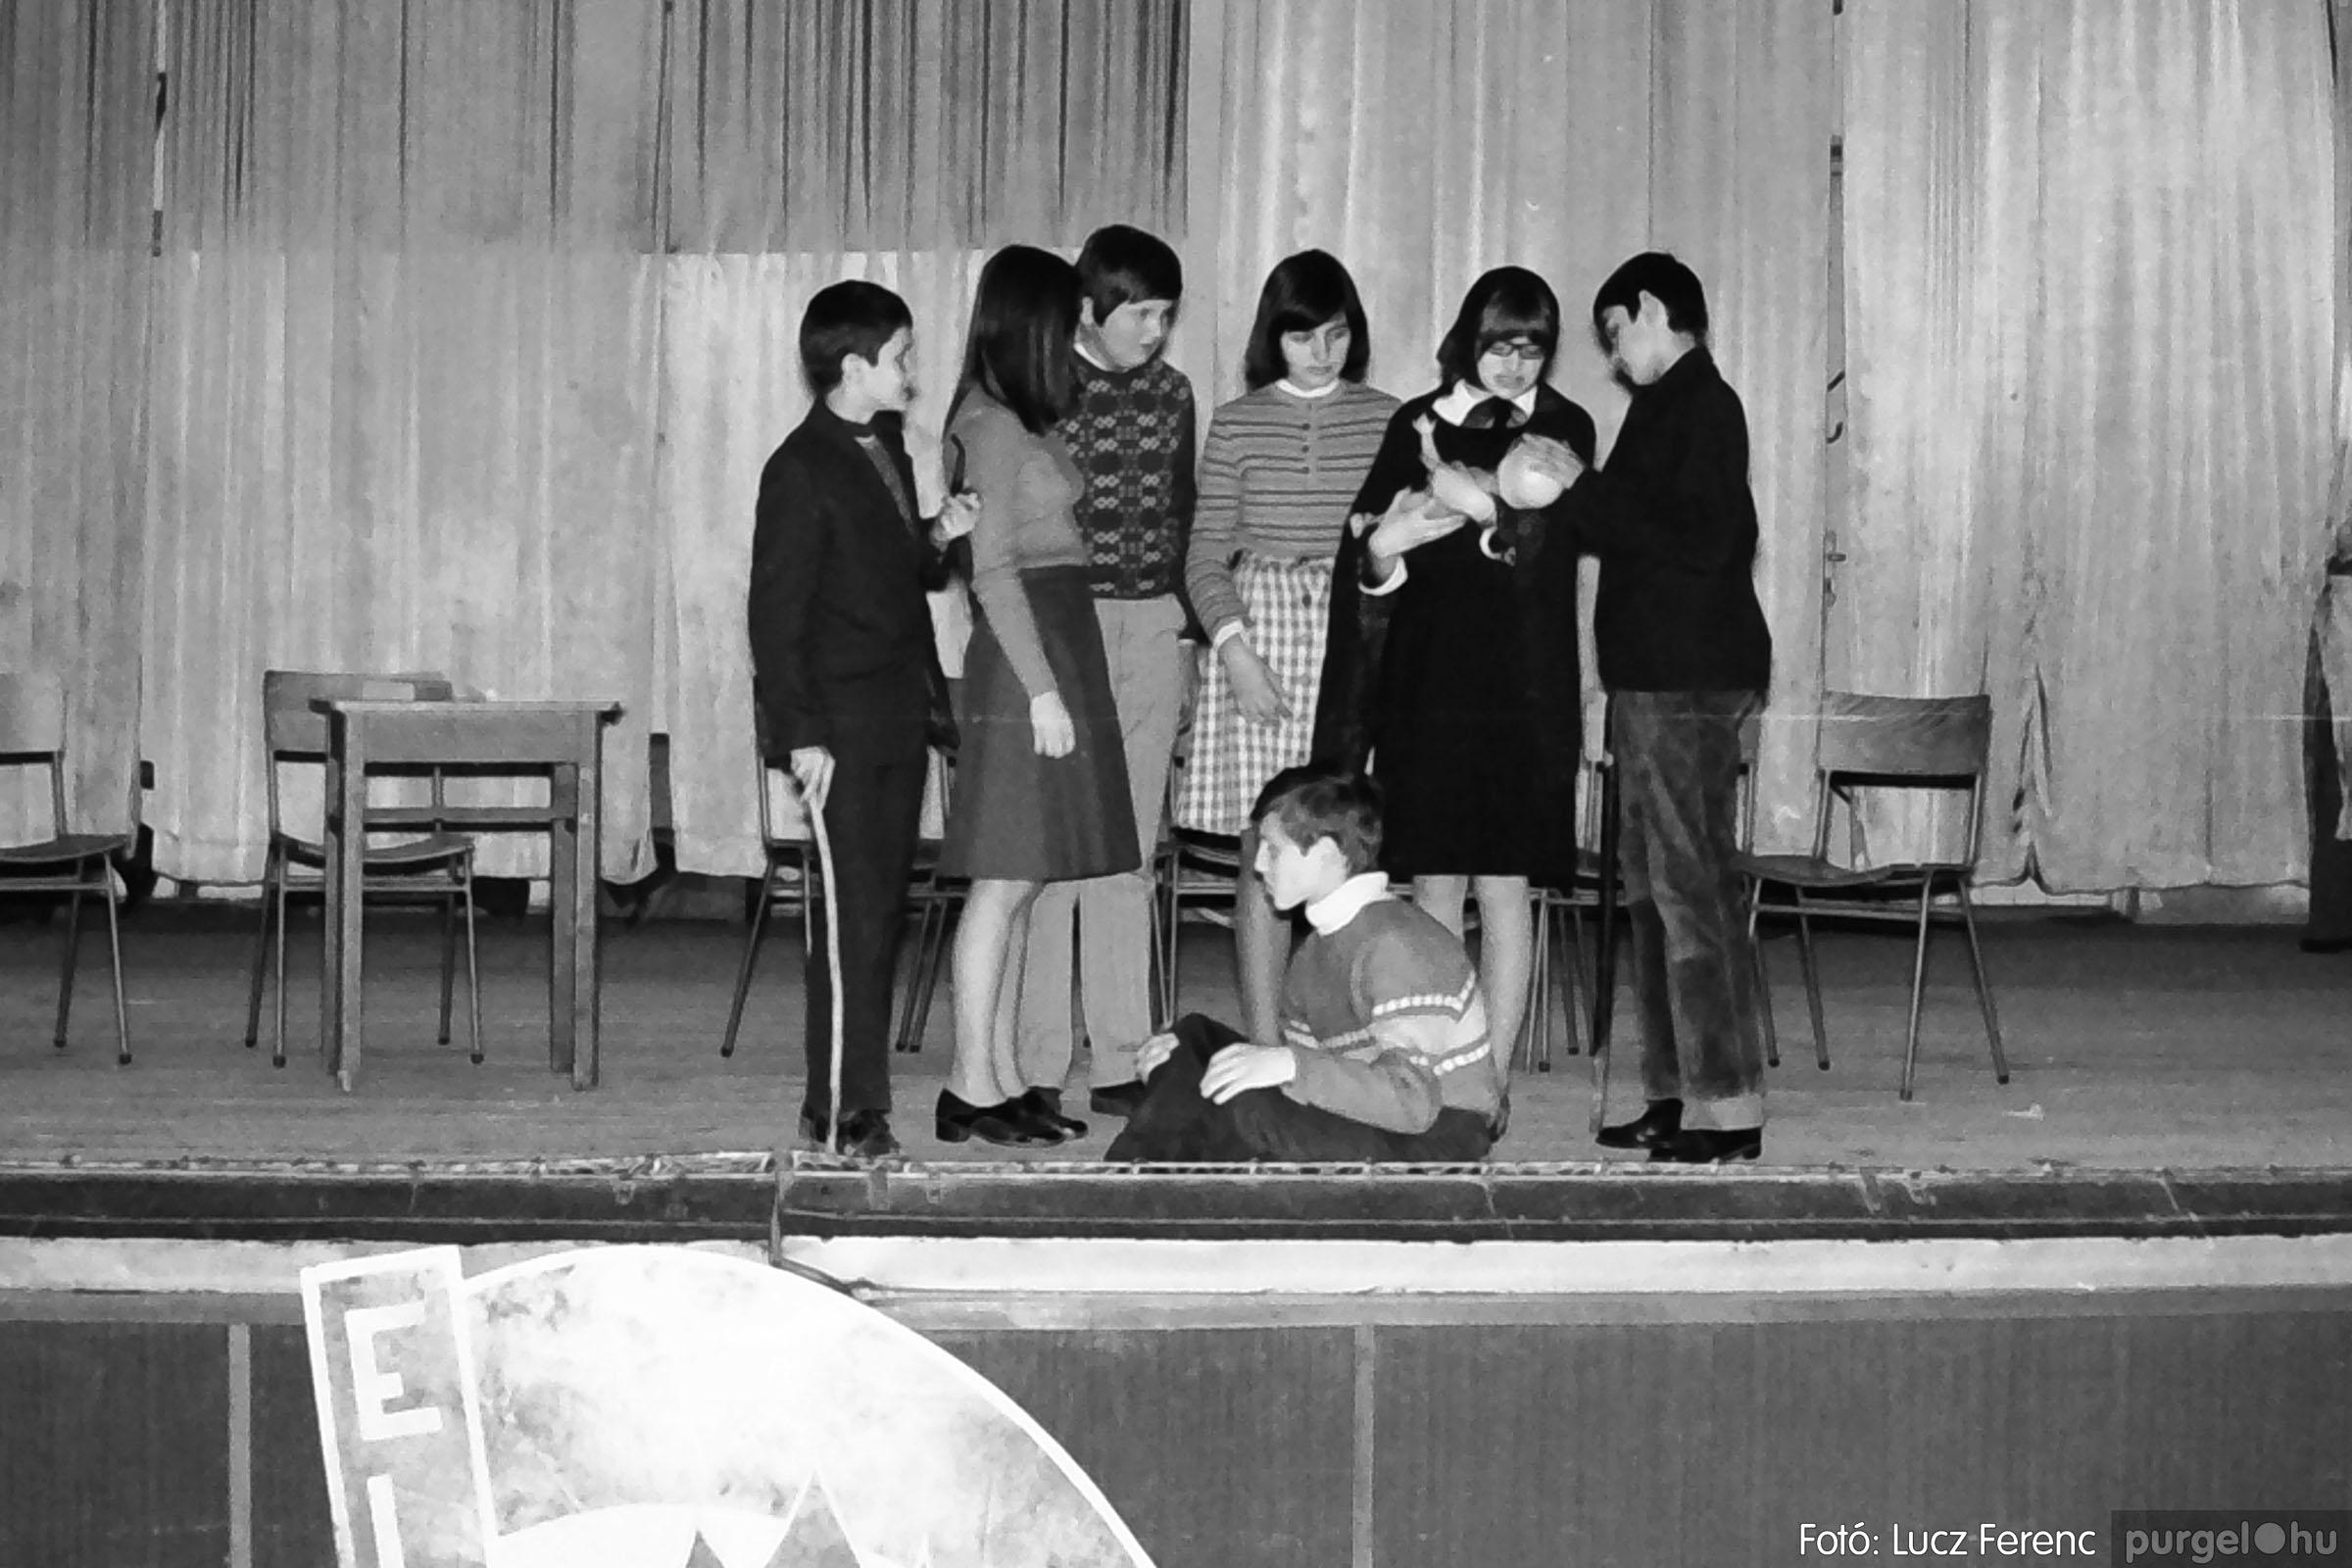 036-037. 1976. Diákprogram a kultúrházban 030 - Fotó: Lucz Ferenc.jpg